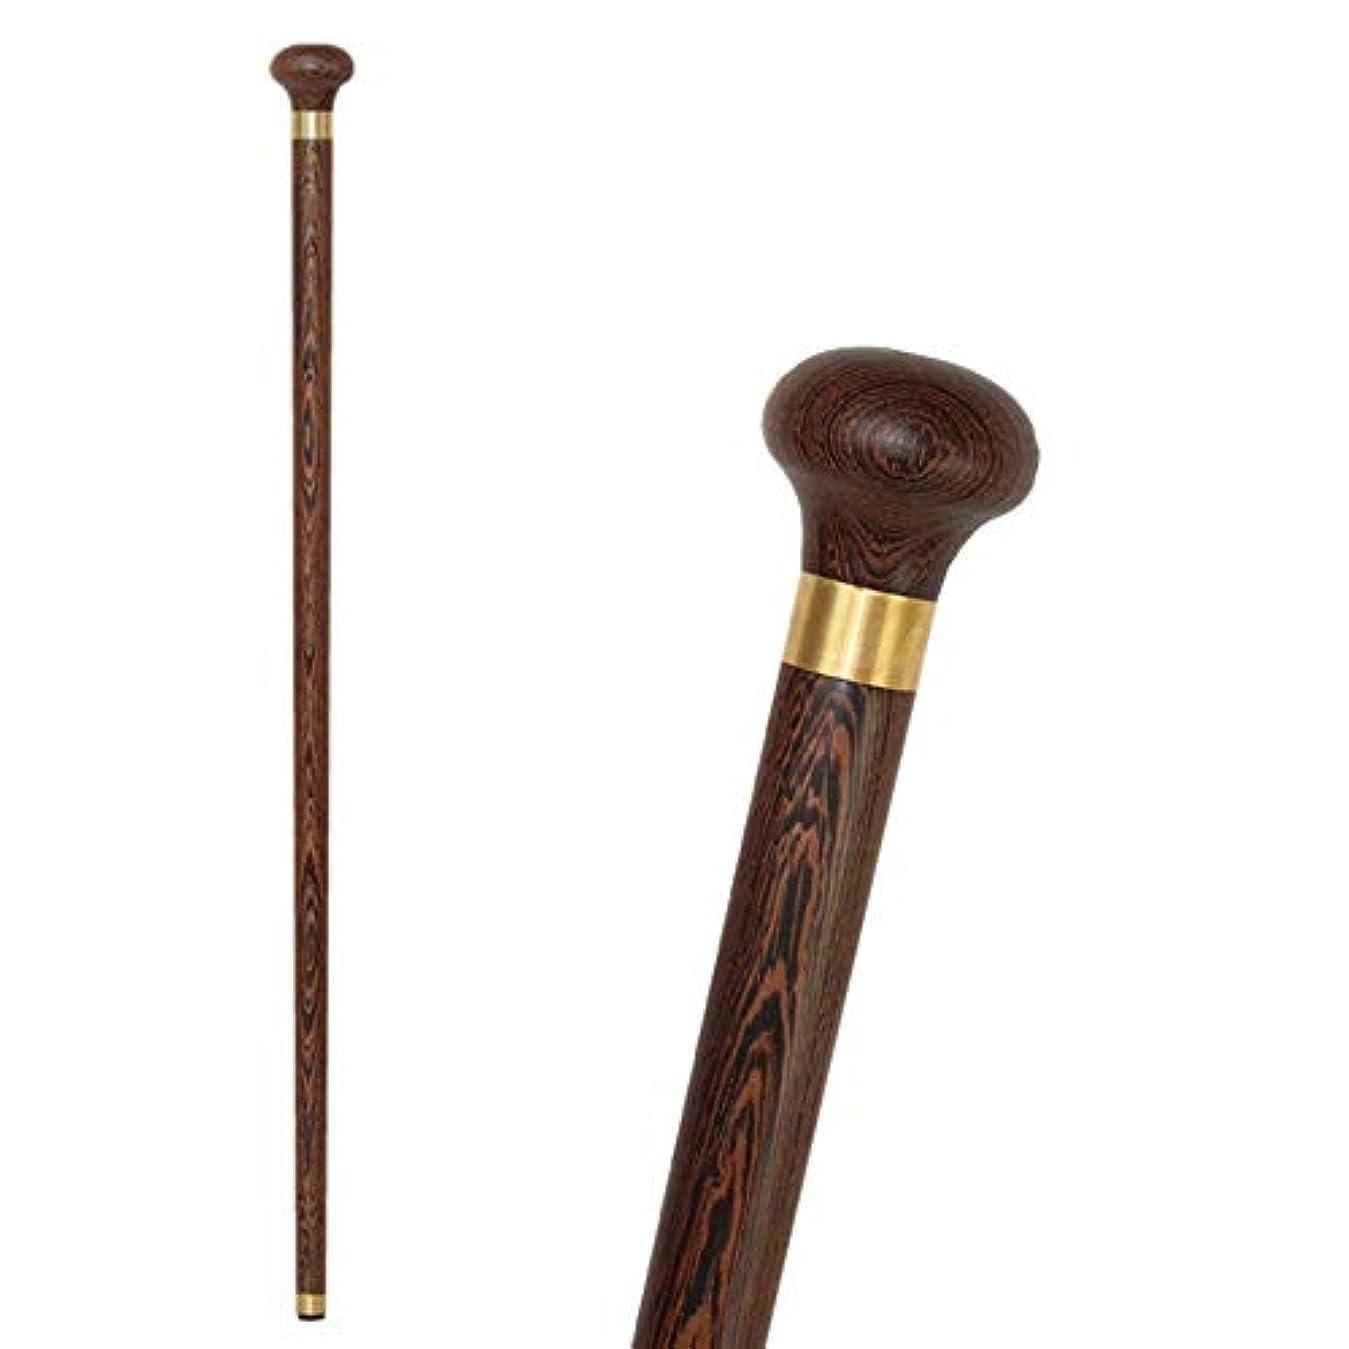 血統掃除アウターYADANER ステッキ 杖, 木製杖, レッドローズウッドラウンドヘッド高齢者ウォーキングエイドケイン